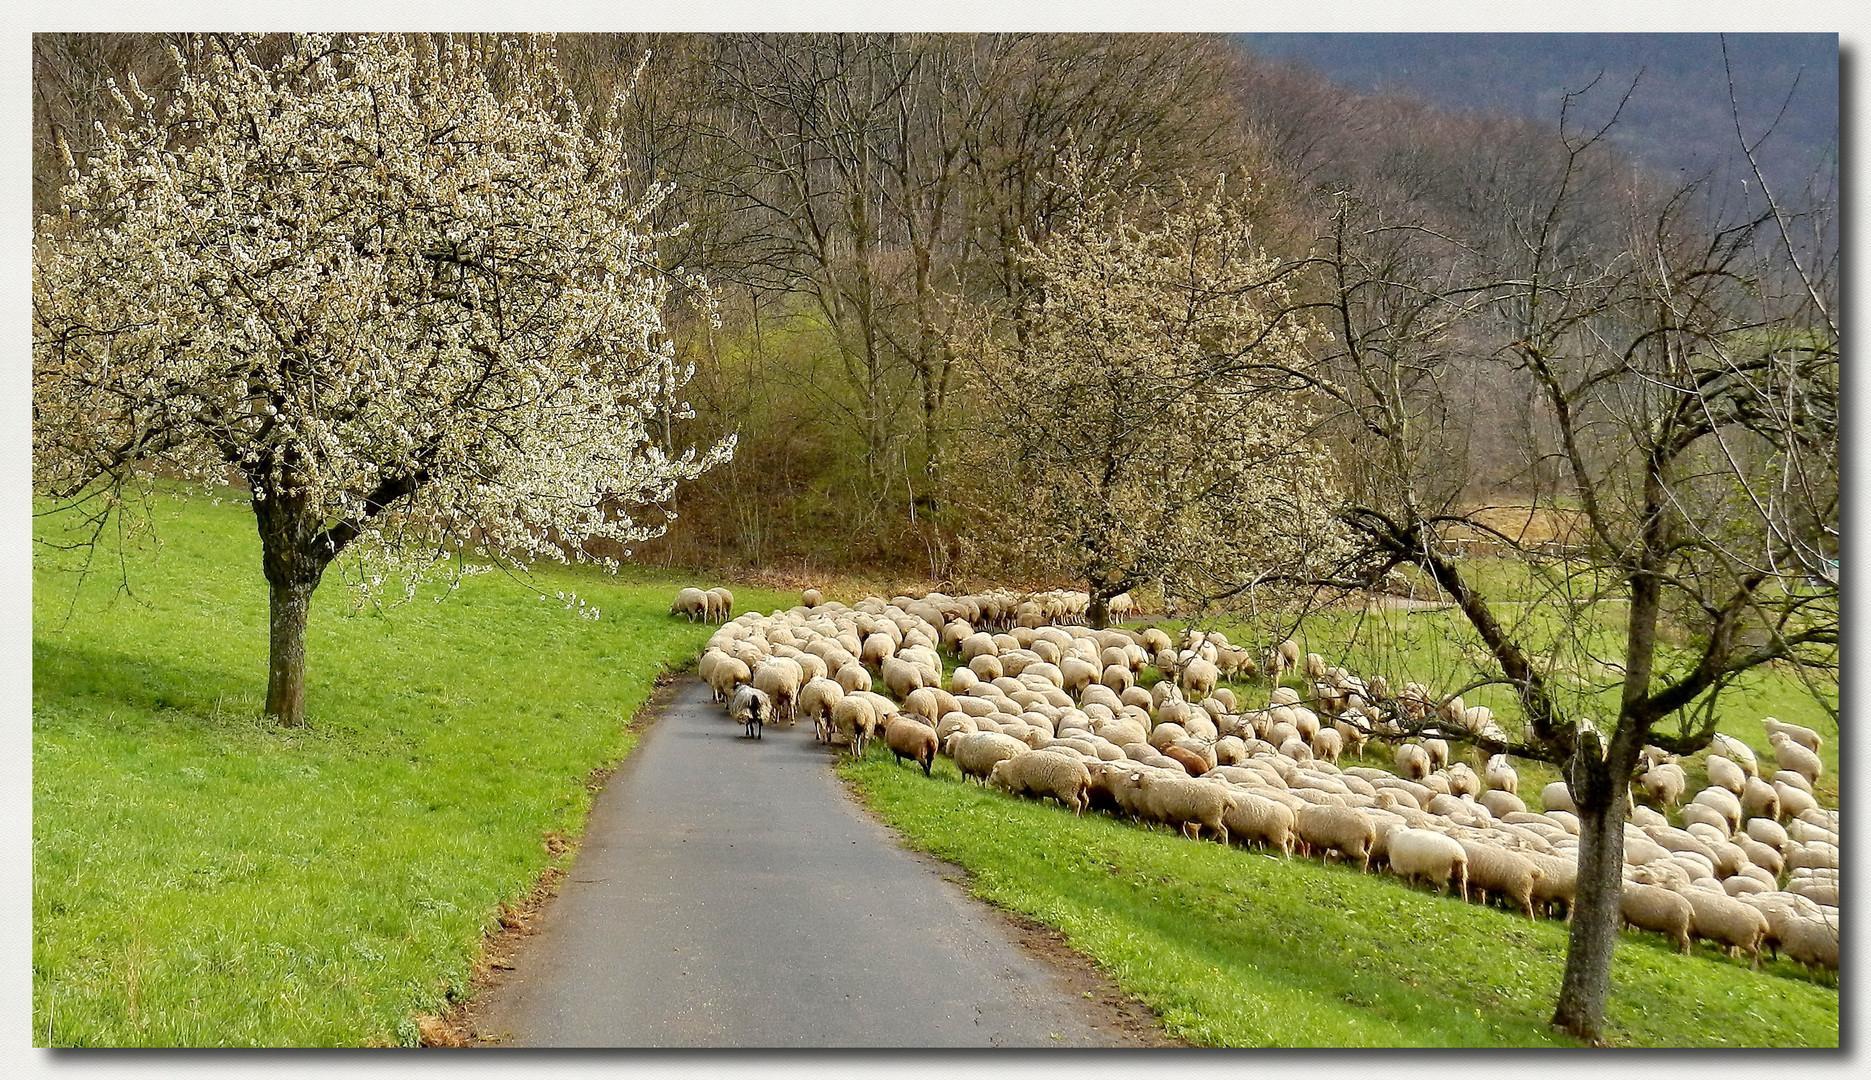 Schafherde im Frühling... Foto & Bild | jahreszeiten, frühling ...